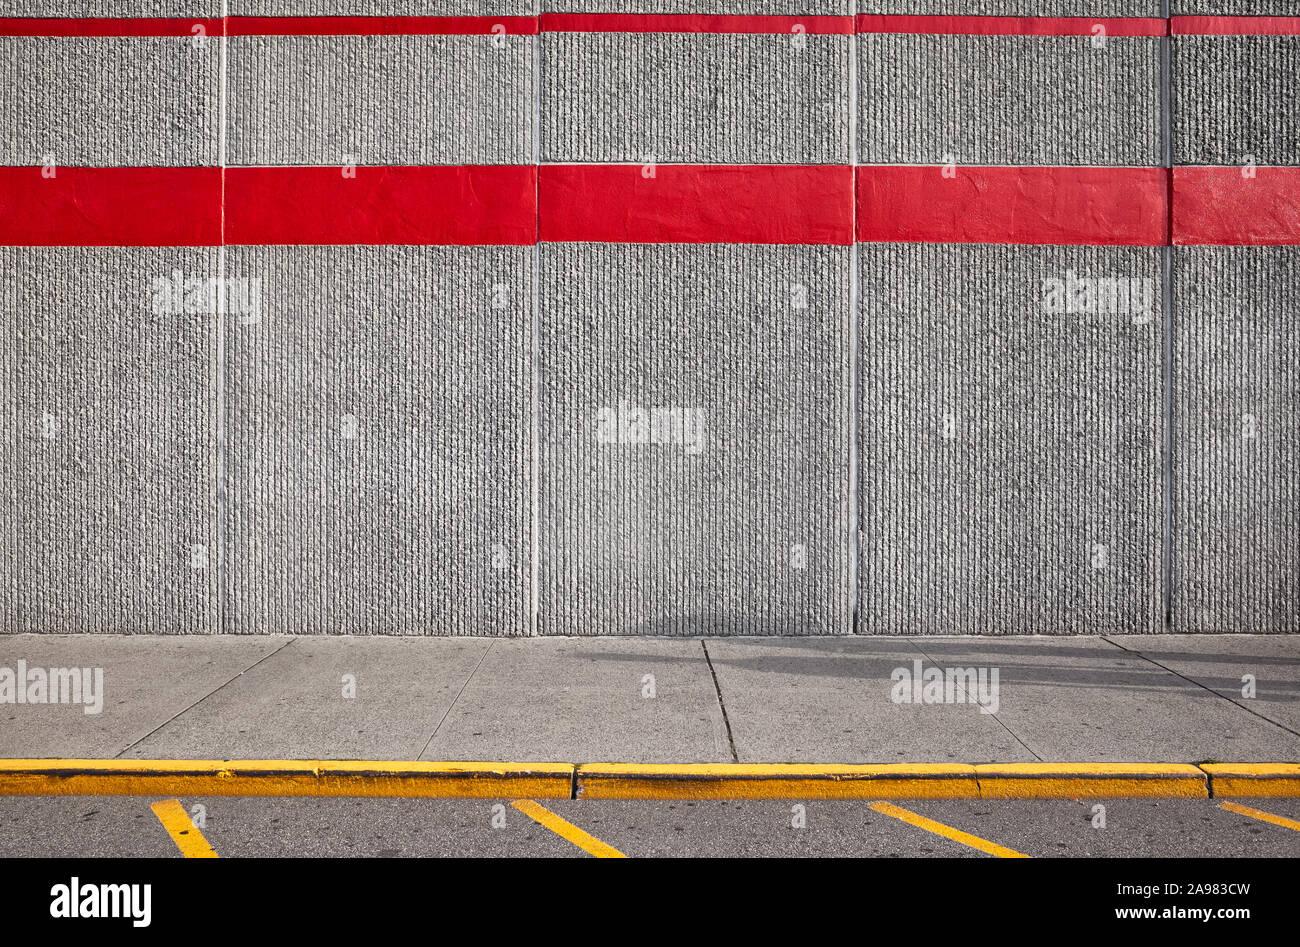 Acera con muro de hormigón, de fondo urbano. Foto de stock